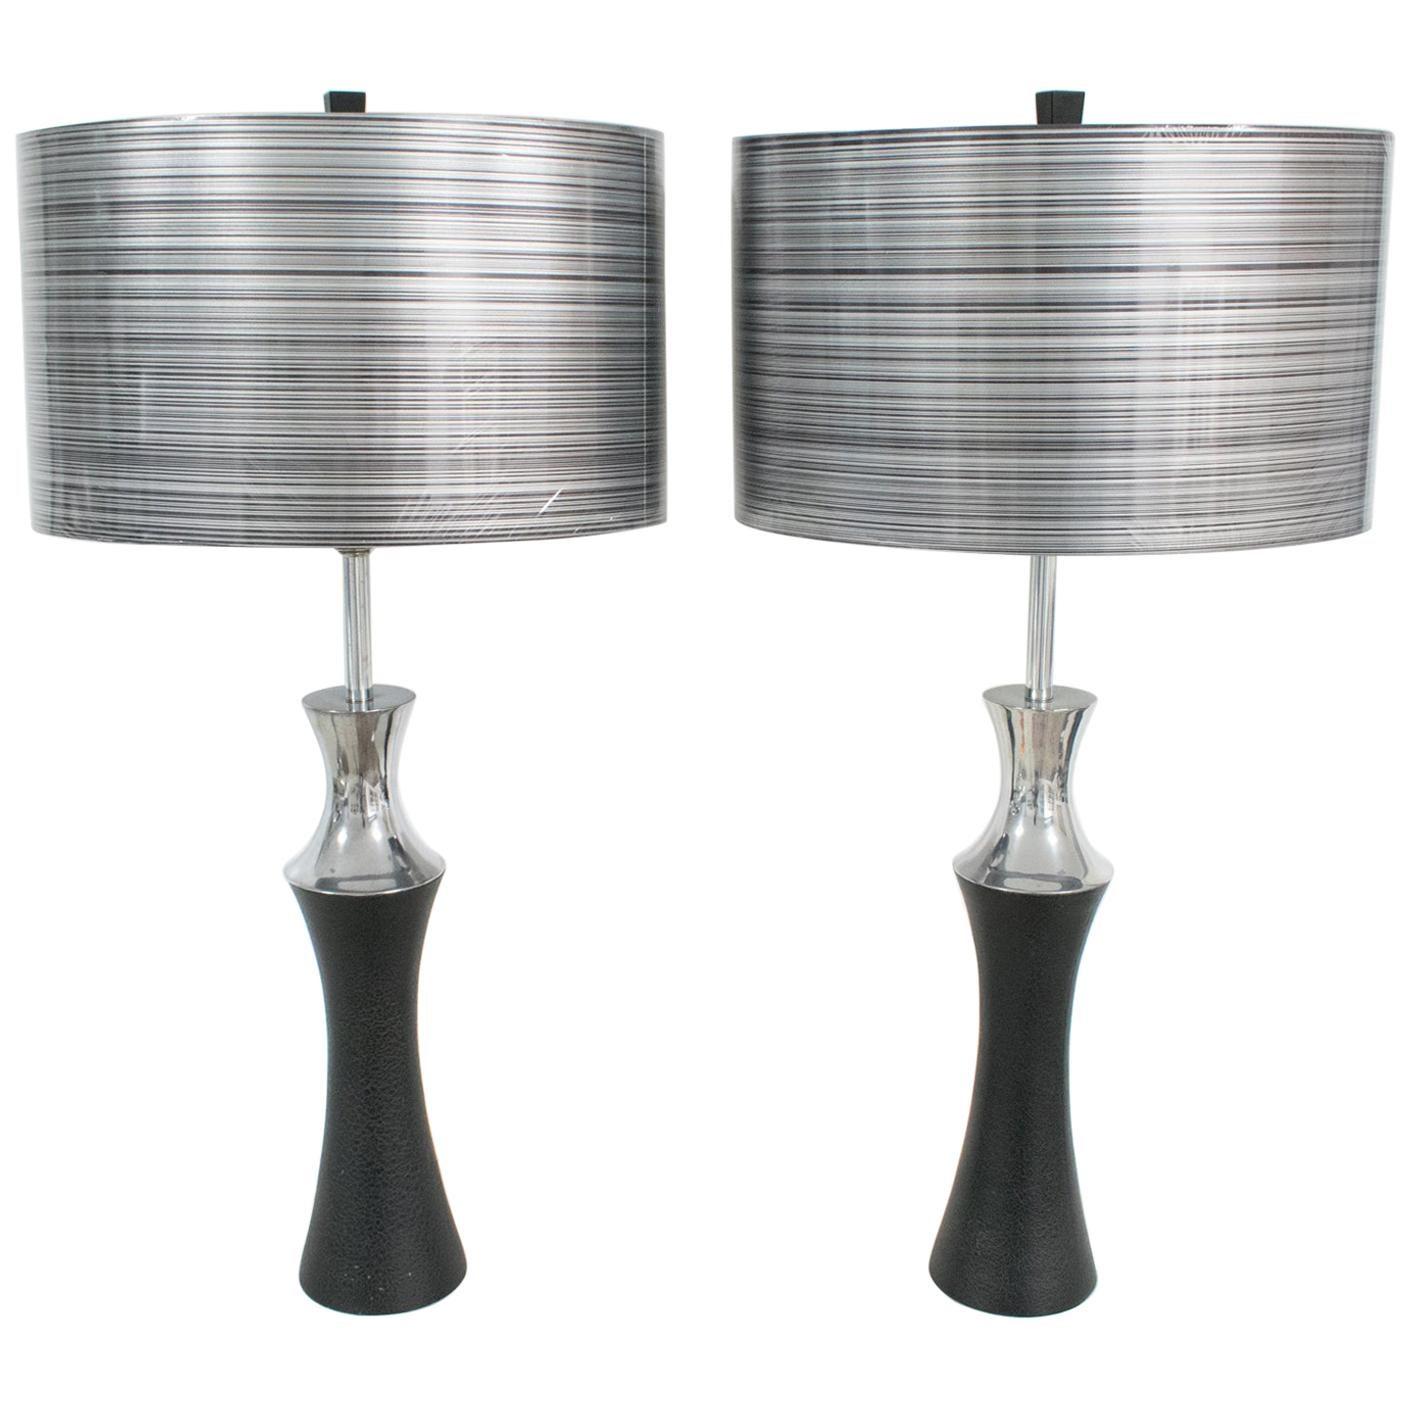 Mutual Sunset Aluminum Table Lamp, a pair